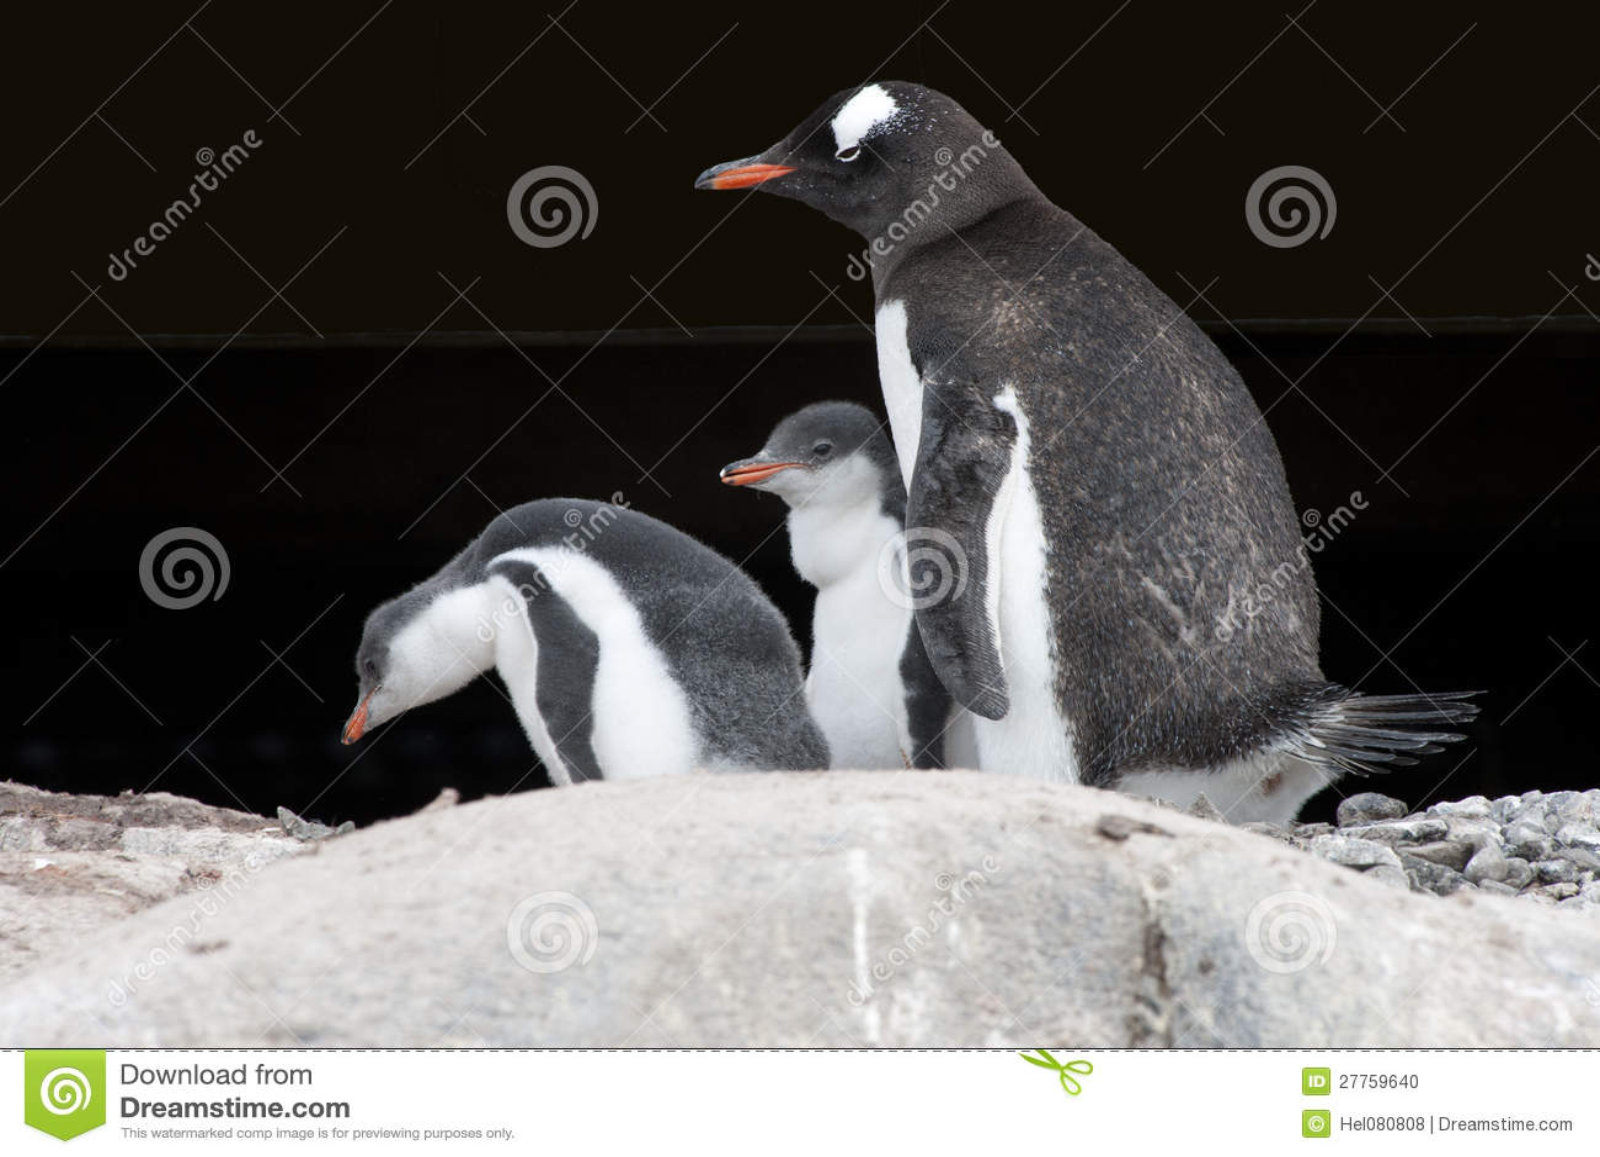 Mère de pingouin et nanas - pingouin de gentoo